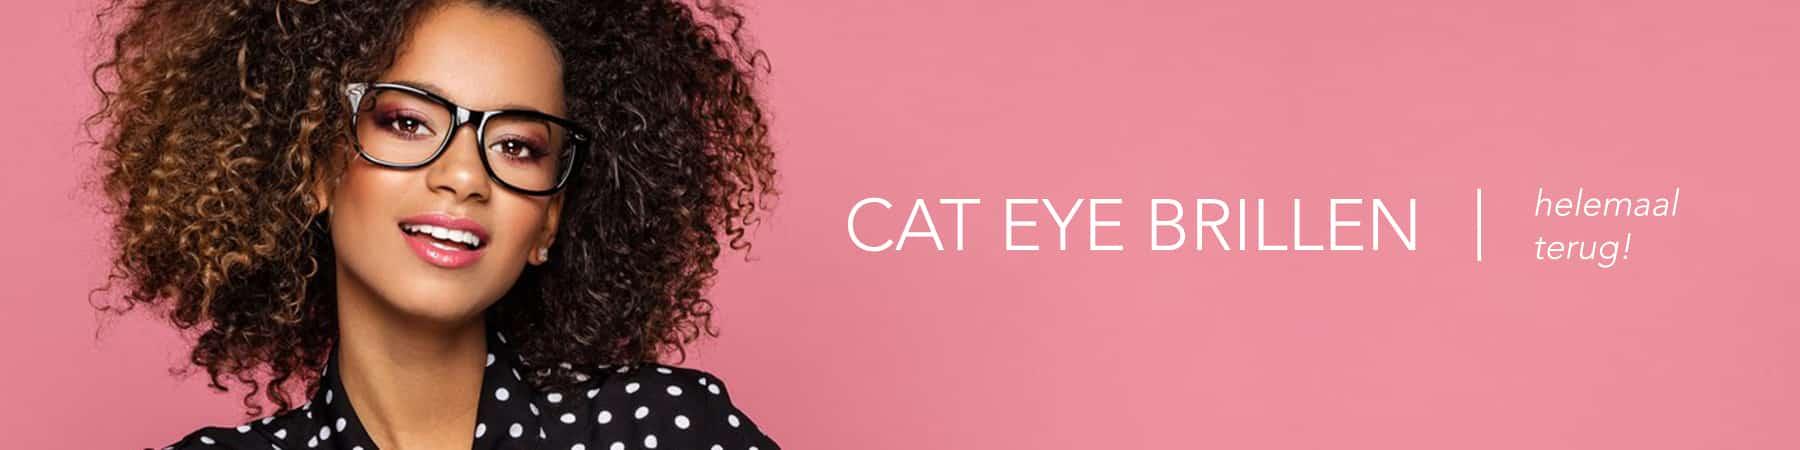 cat eye vlinderbrillen